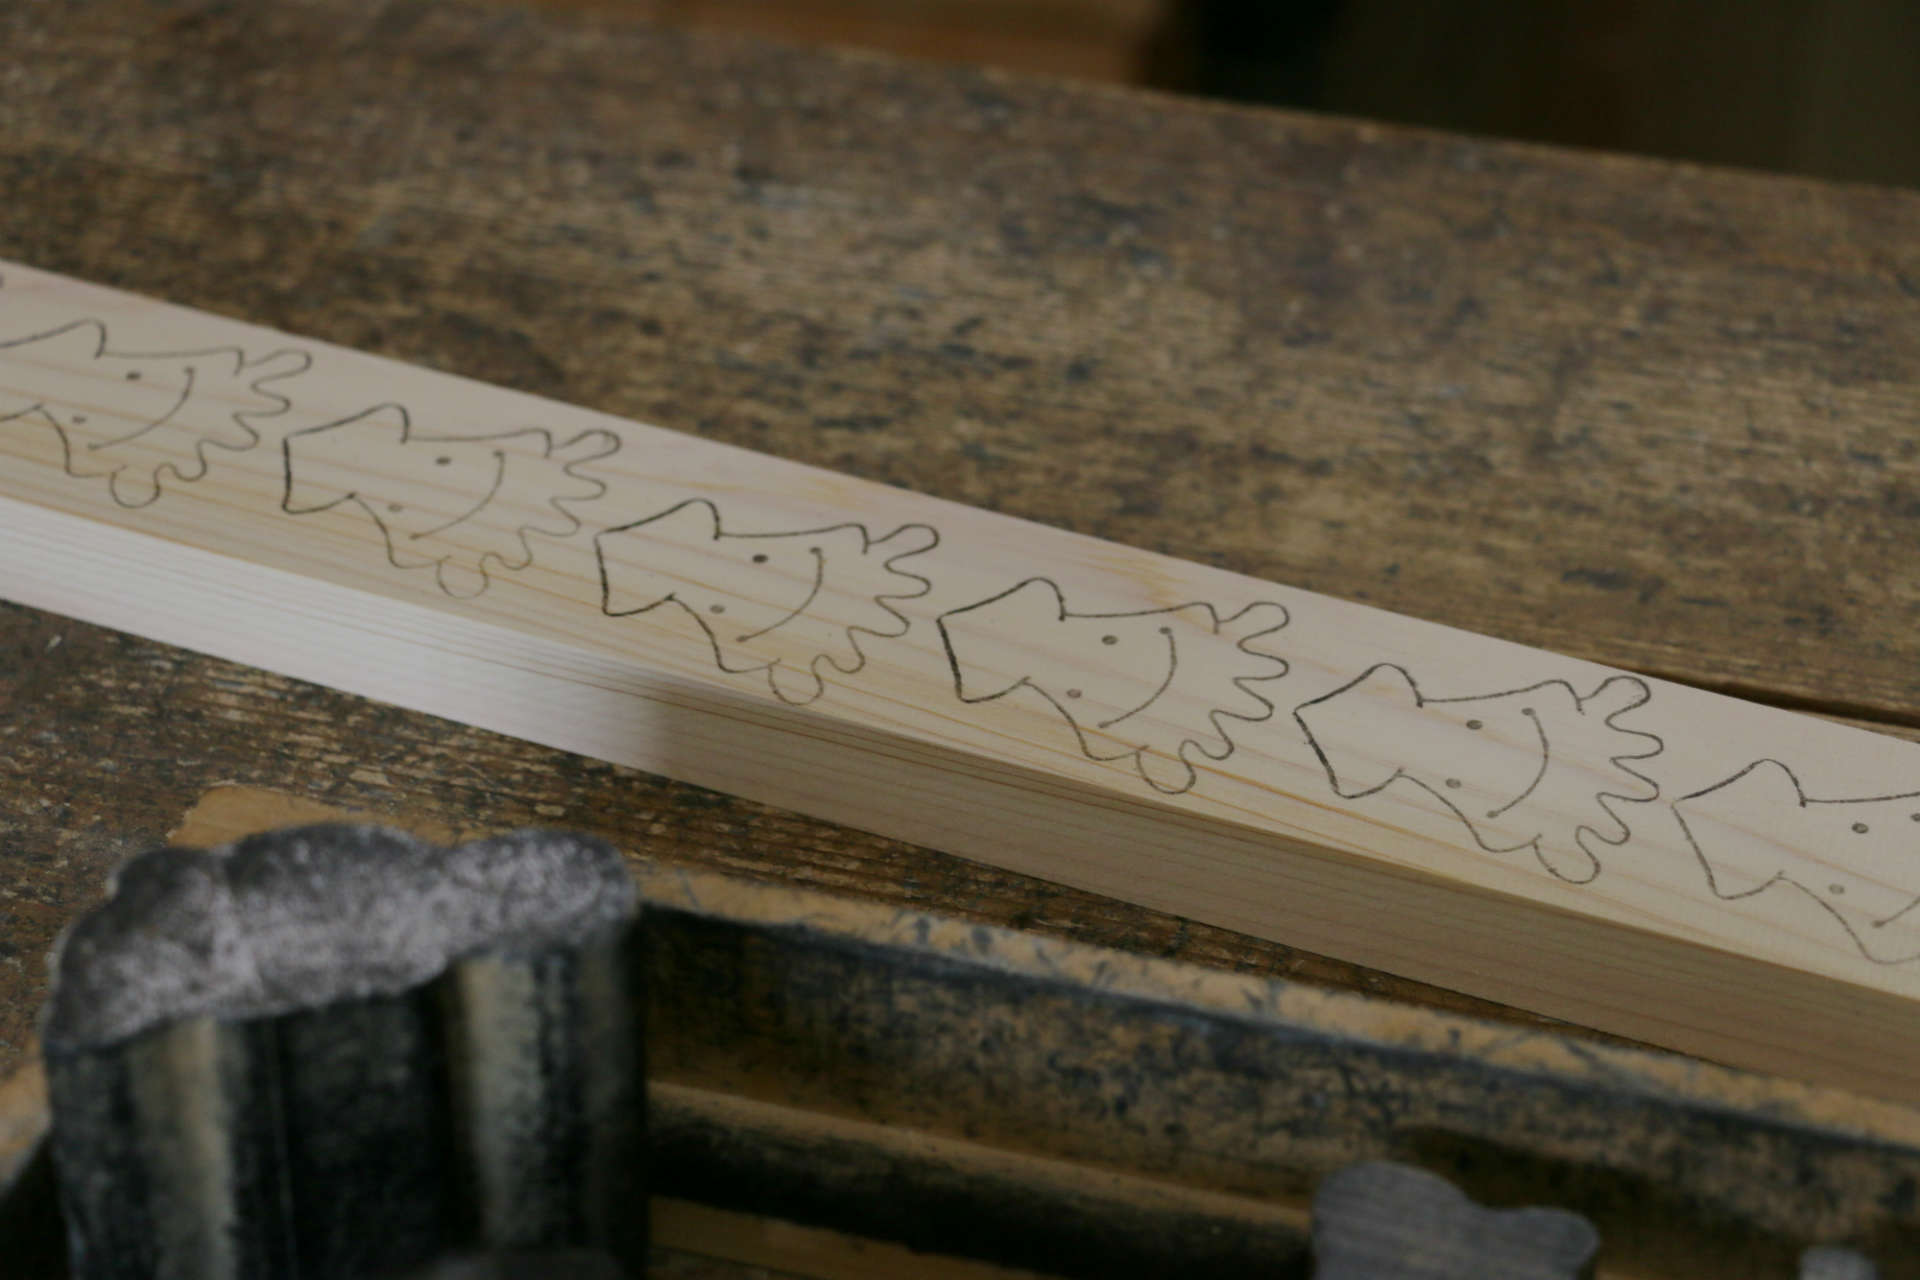 絵付けされた木材。この線に沿って次の工程のスタッフが丁寧に糸のこで切り抜いています